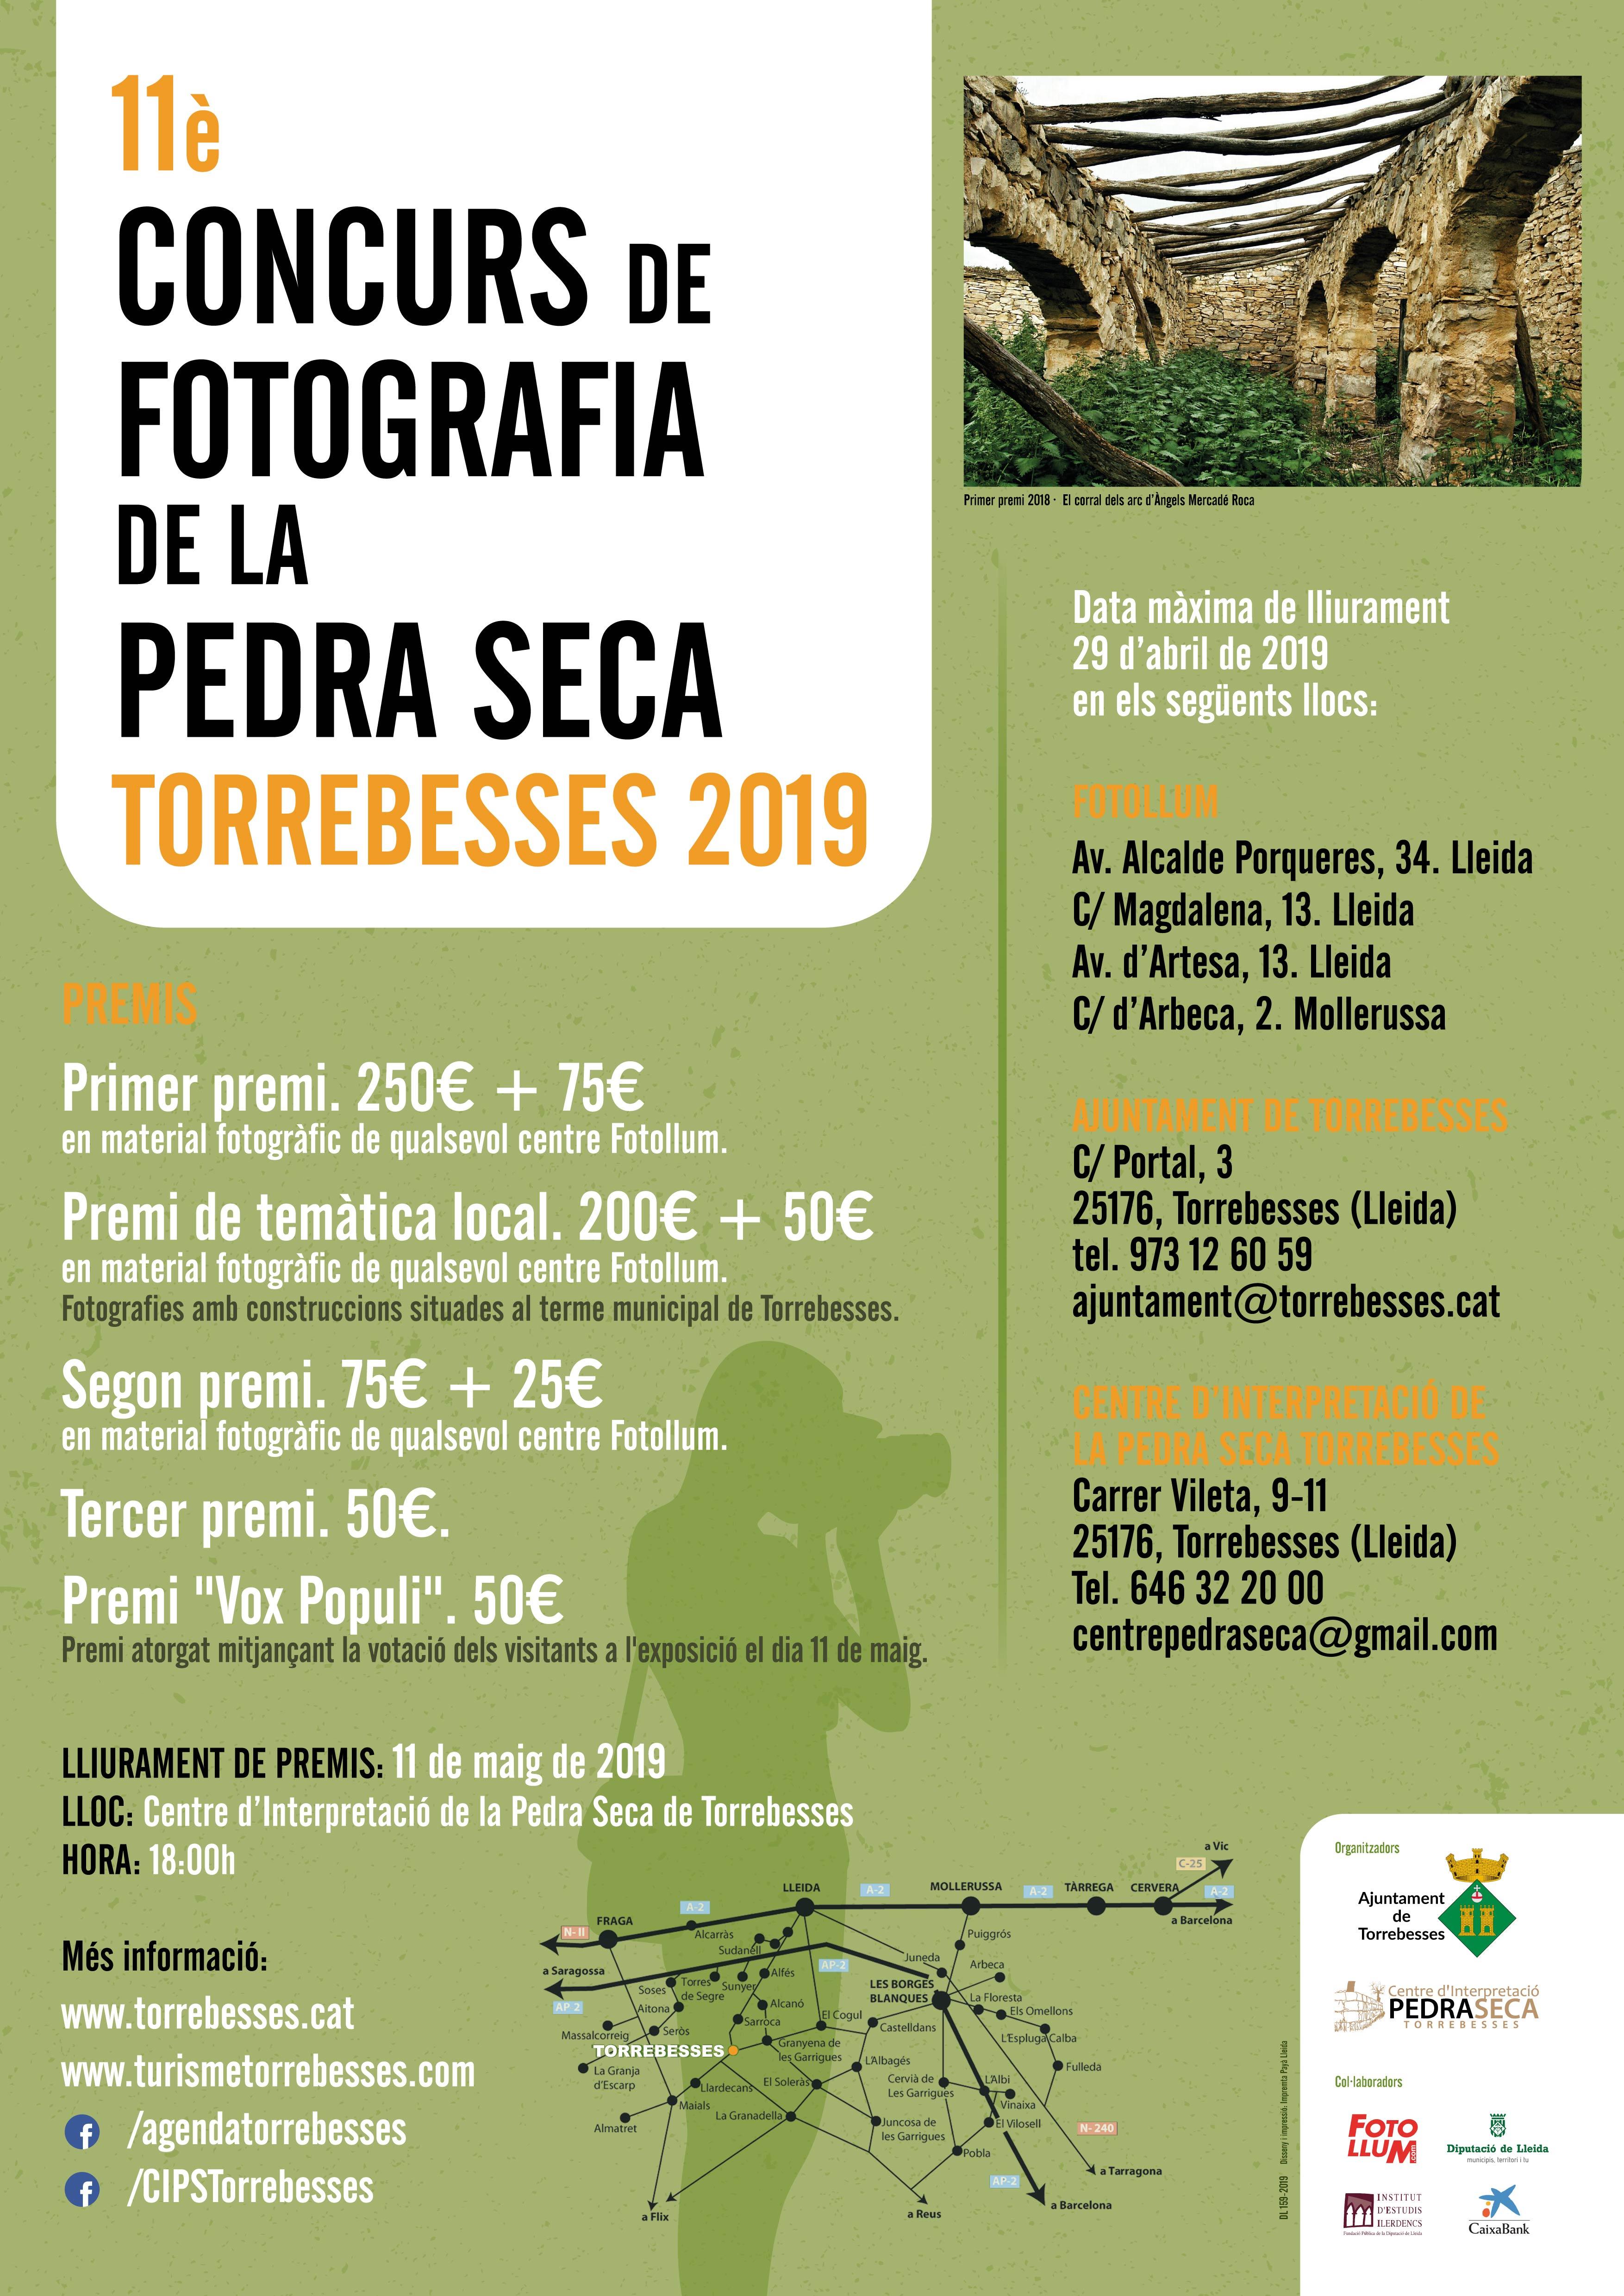 Últim dia de termini | Concurs de fotografia de la pedra seca Torrebesses 2019